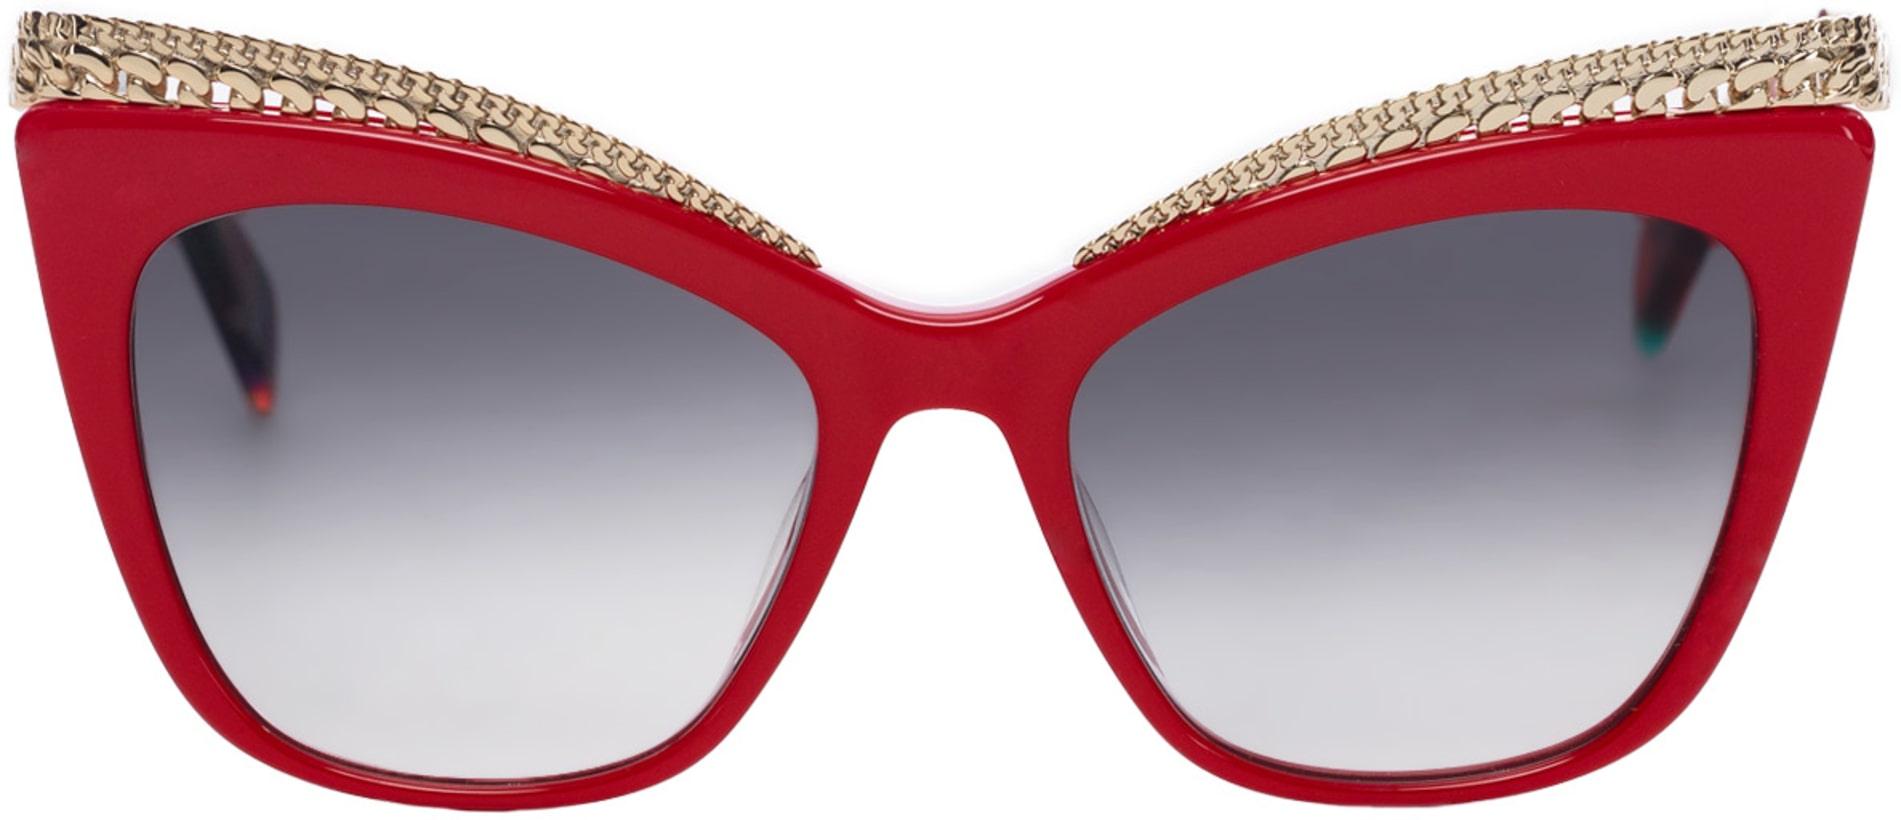 2d927811565 Moschino  Cat Eye Eyelash Sunglasses - Red Dark Grey